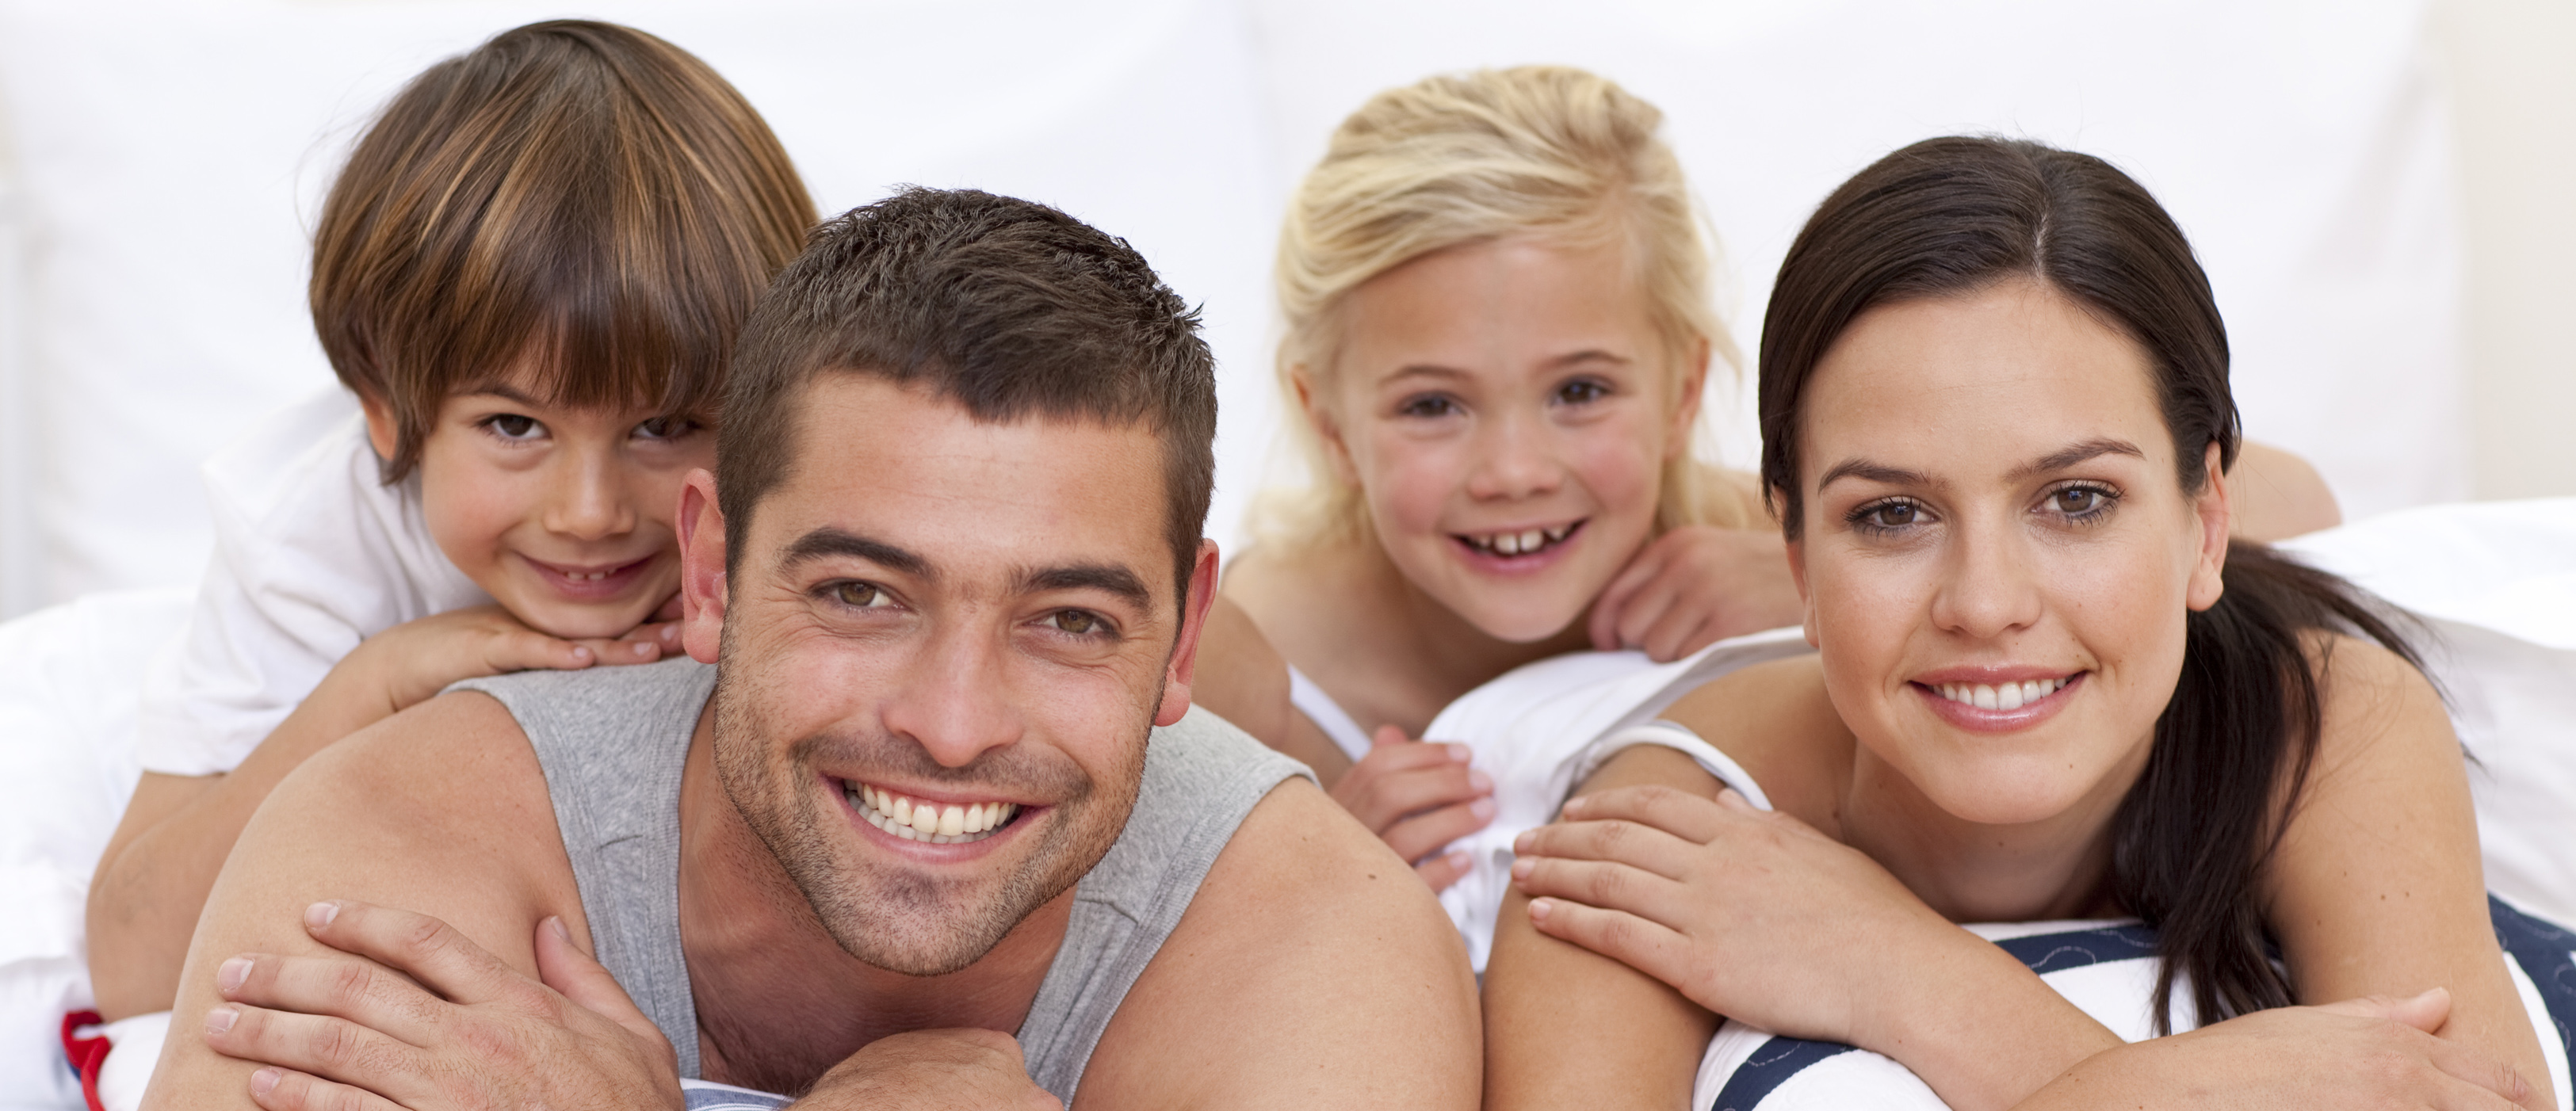 Control Casa, La Domotica Evoluta, per tutta la famiglia, relax, senza pensieri